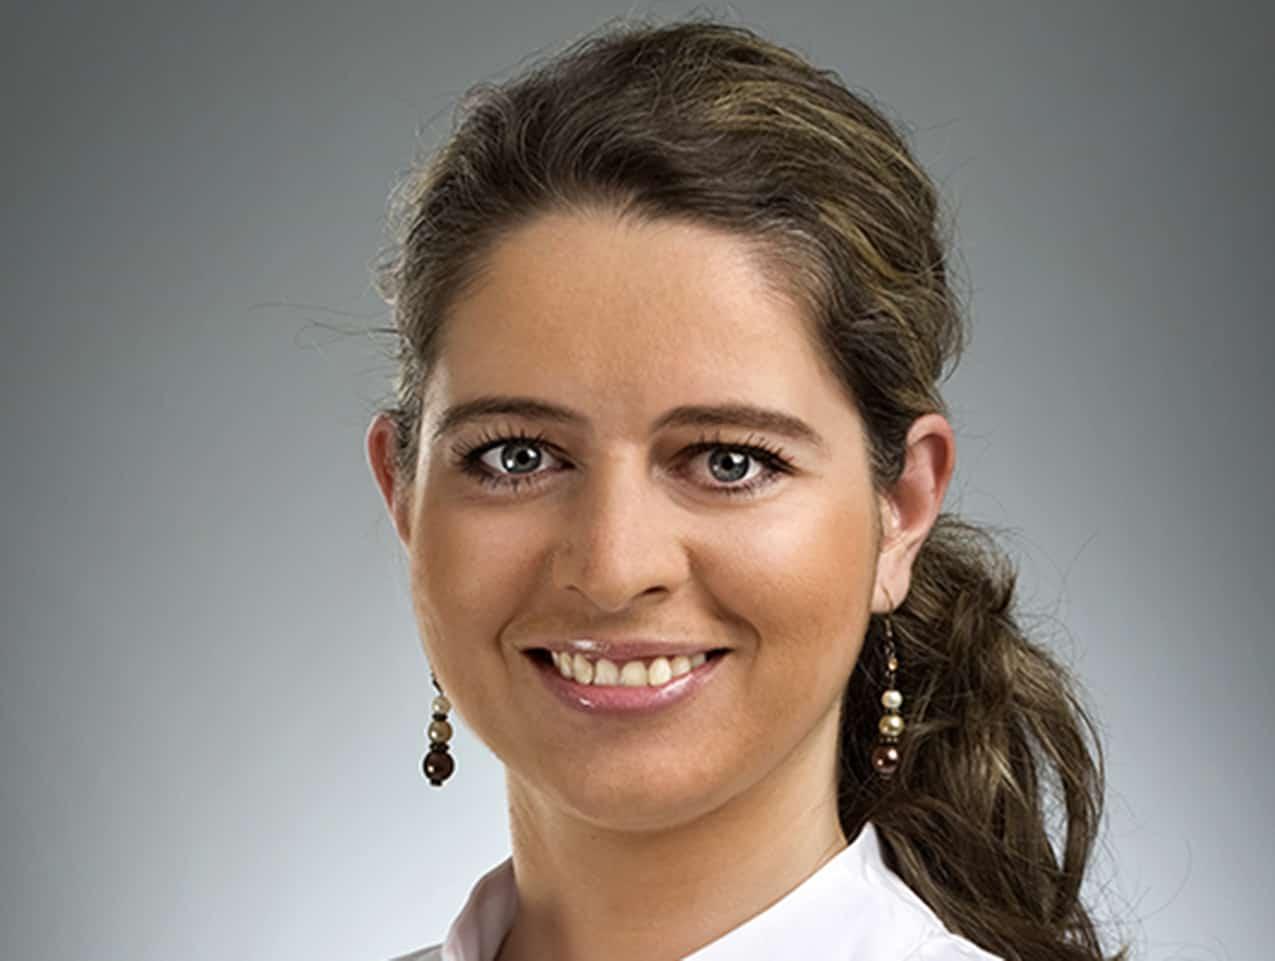 MUDr. Martina Culbova, PhD.